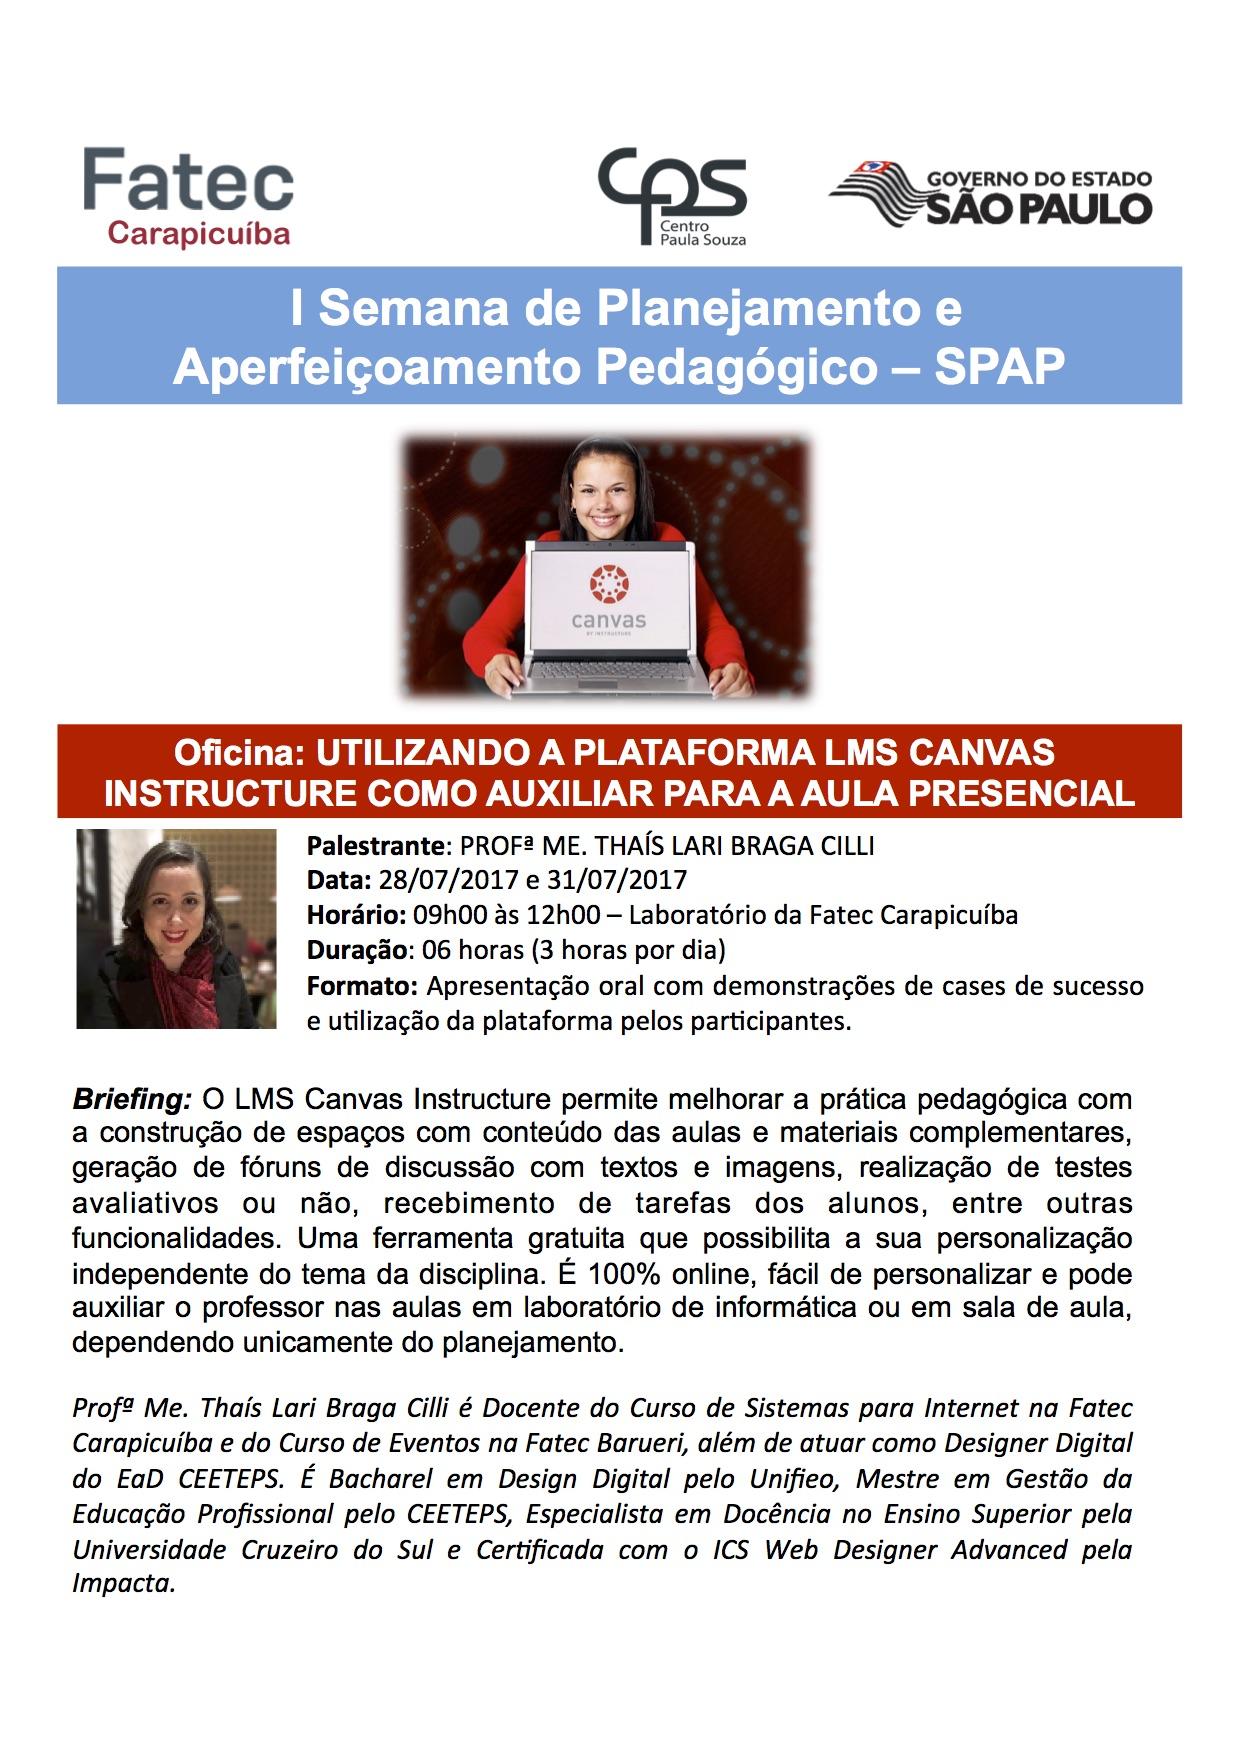 I SEMANA DE PLANEJAMENTO E APERFEICOAMENTO PEDAGOGICO_CANVAS OFICINA.ppt